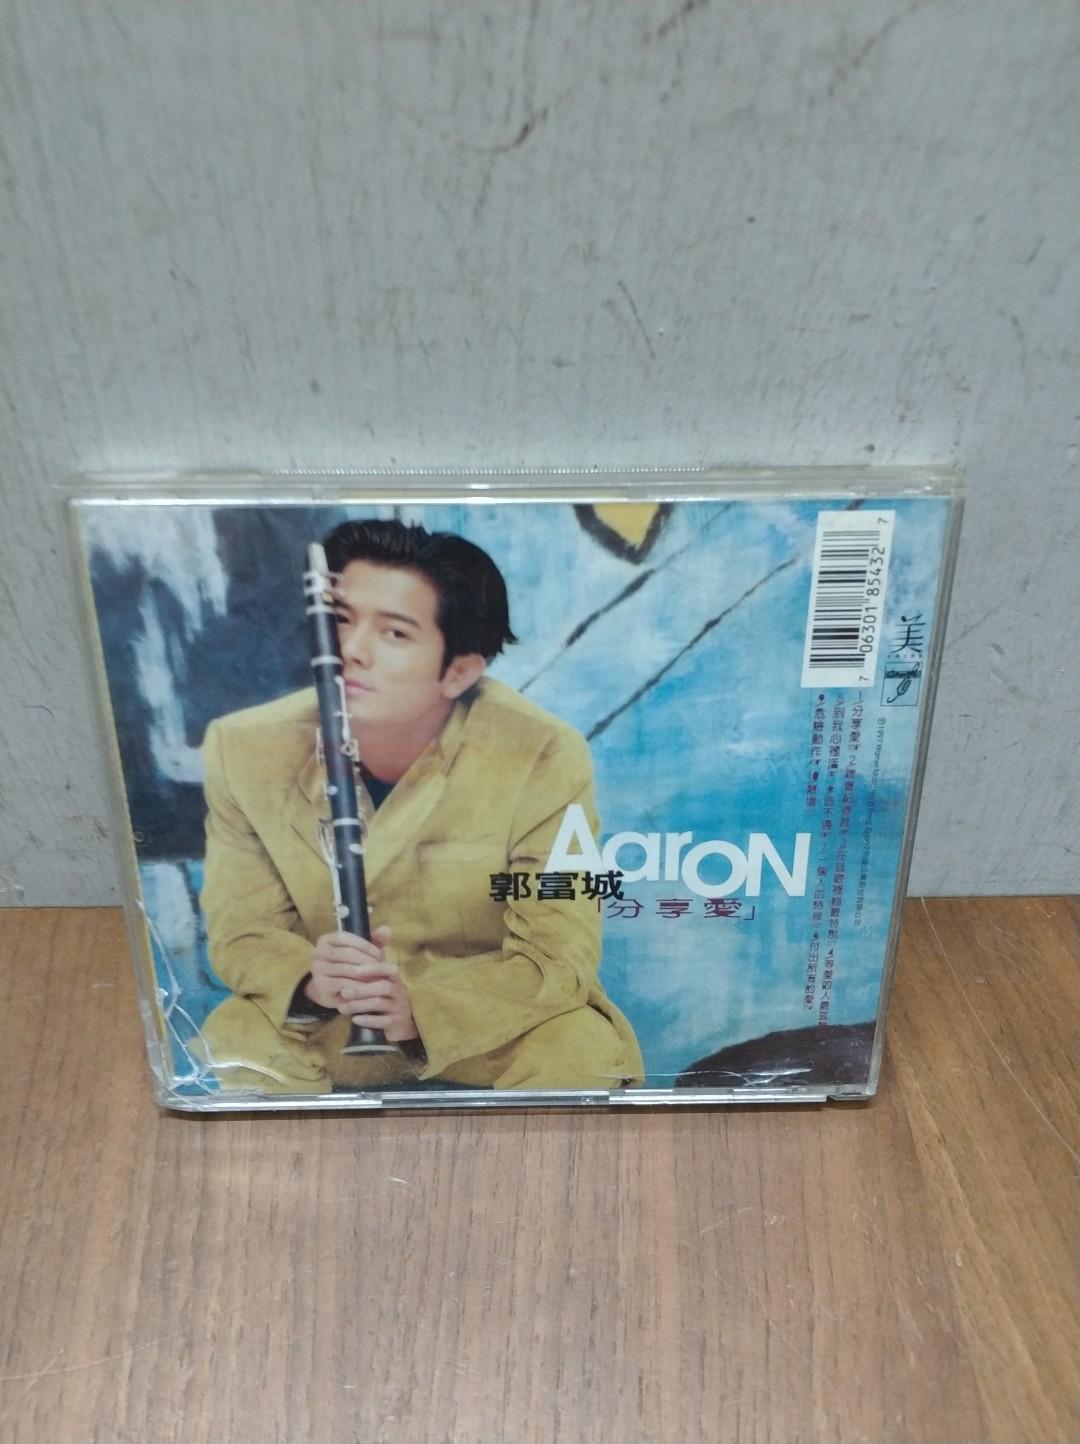 郭富城cd (誰會記得我)